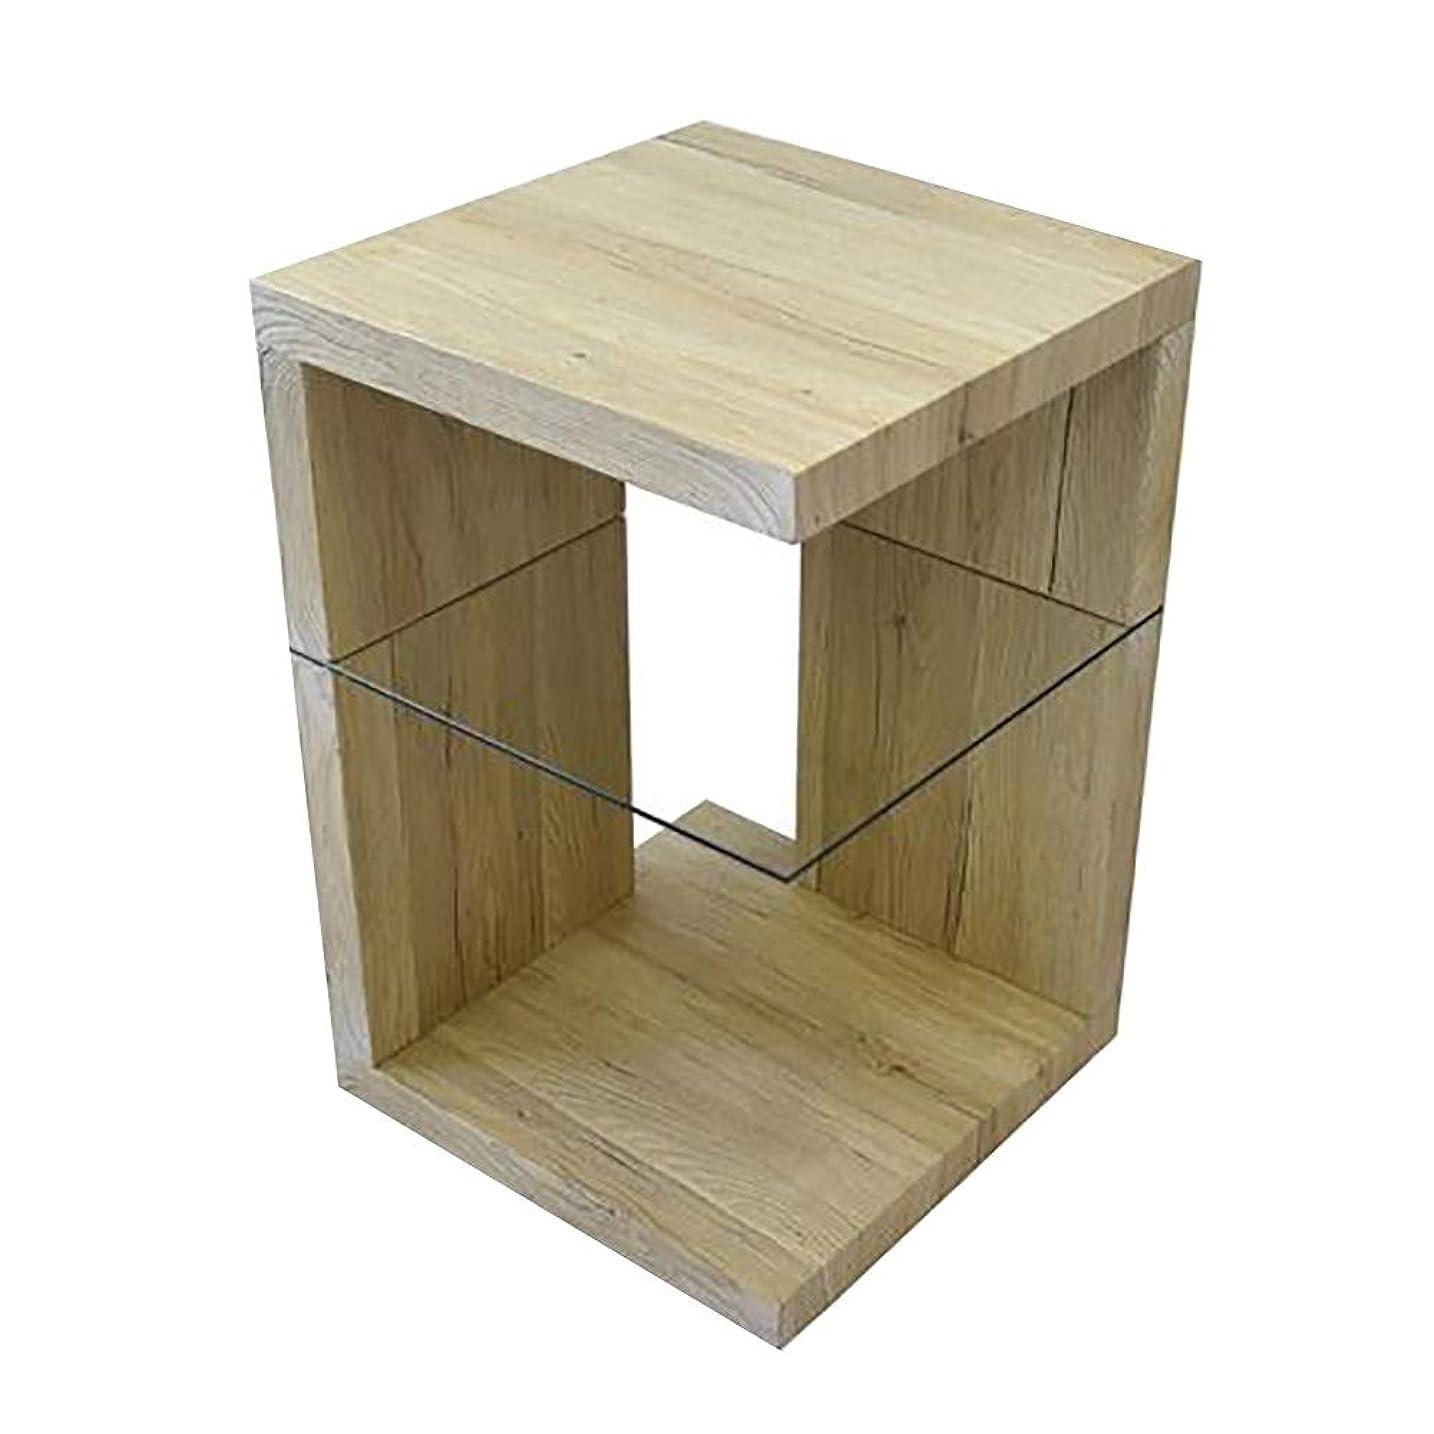 パースブラックボロウ描写腐敗SAND サイドテーブル 木目調 テーブル ナイトテーブル ベッドテーブル ソファーテーブル おしゃれ アンティーク モダン シンプル (ホワイト)